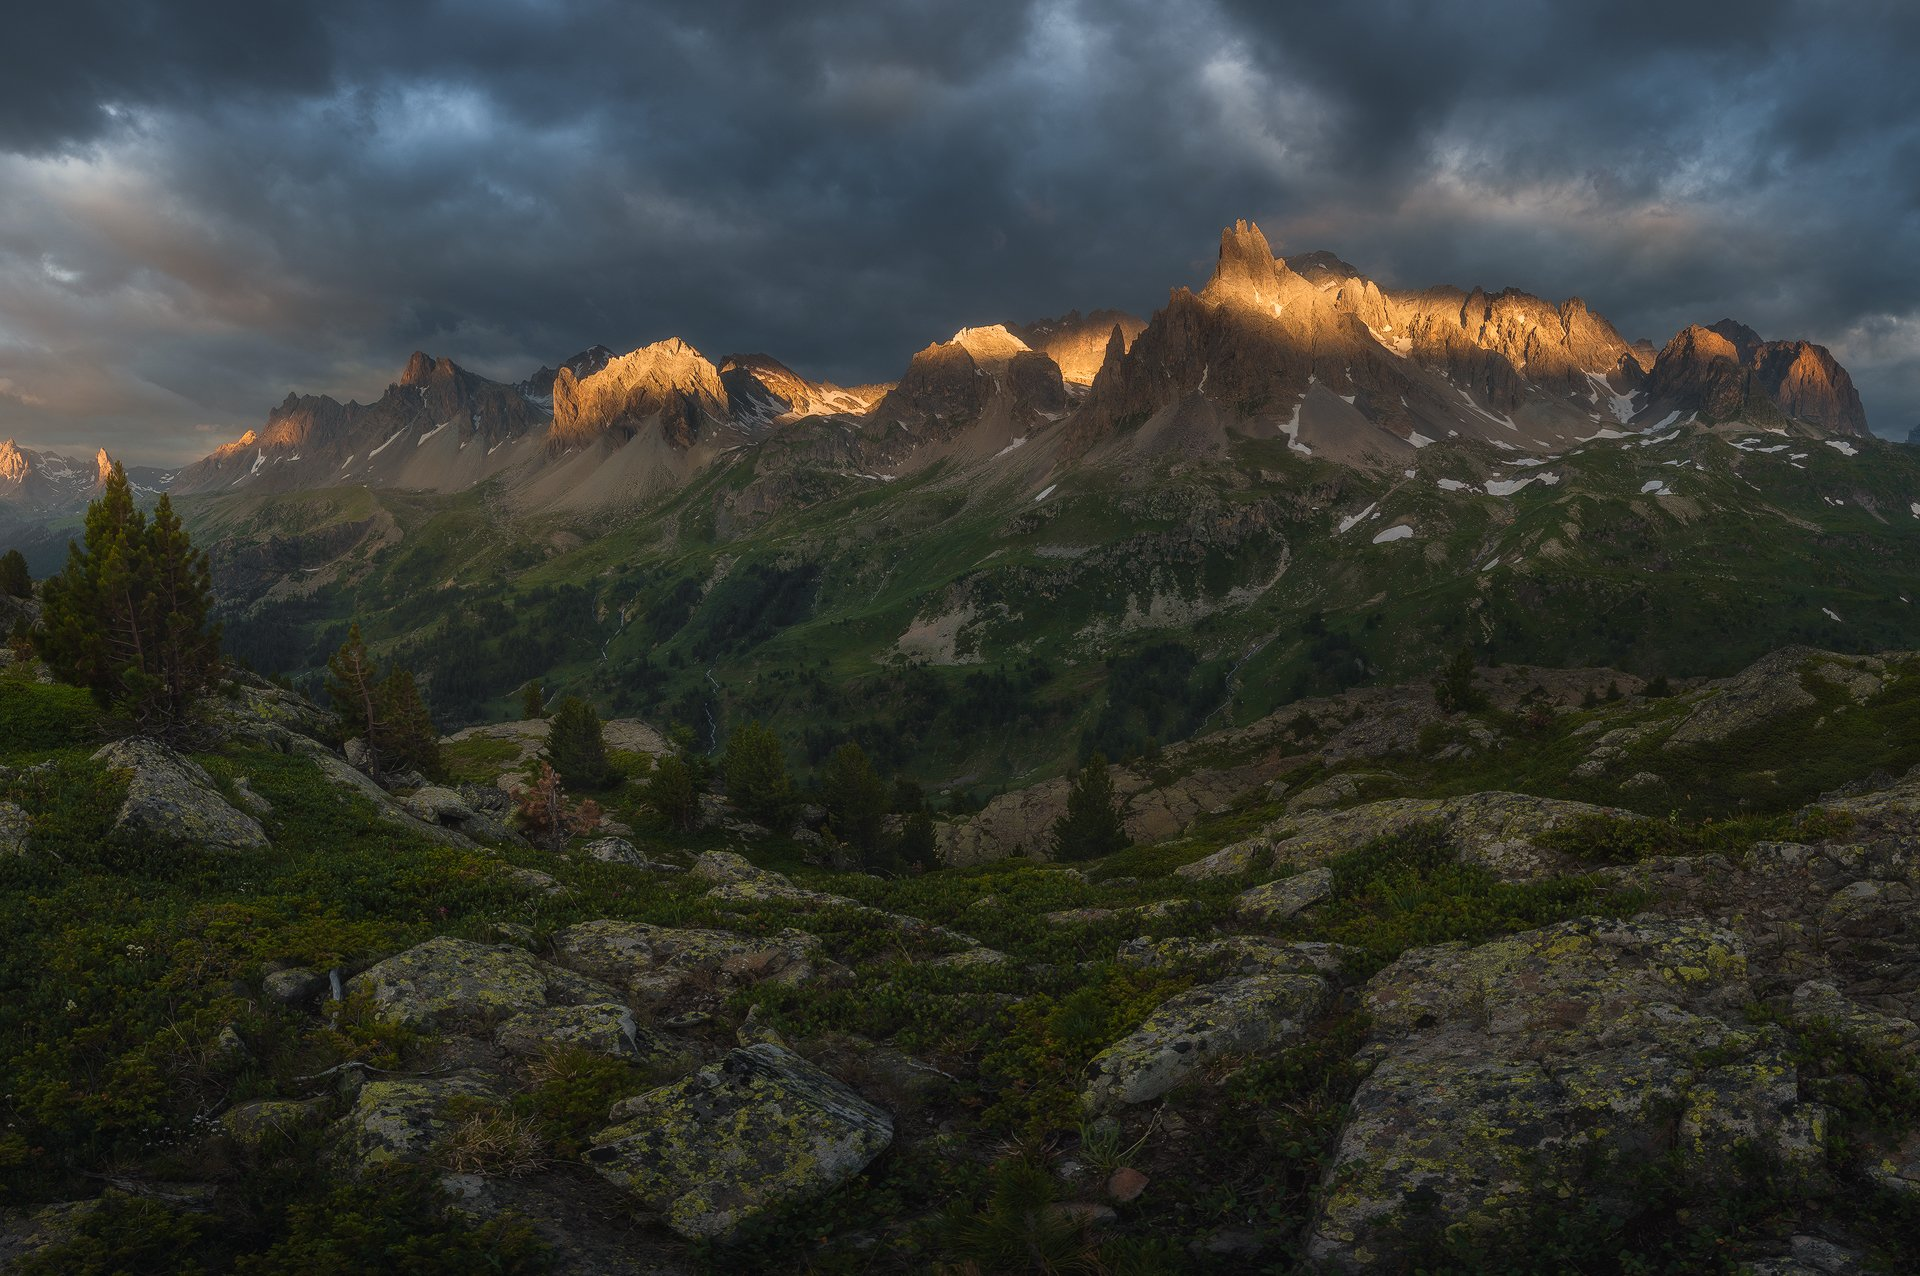 #france, #mountains, #sunrise, #alps, #travel, #sky, #epic_light, #safarphoto, #valley, #turism, #landscape, l#национальный, #парк, #пейзаж, #пейзажная, #фотография, #красивое, #небо, #горы, #путешествие, #туризм#отдых, #рассвет, #франция, #альпы, Бахышев Сафар